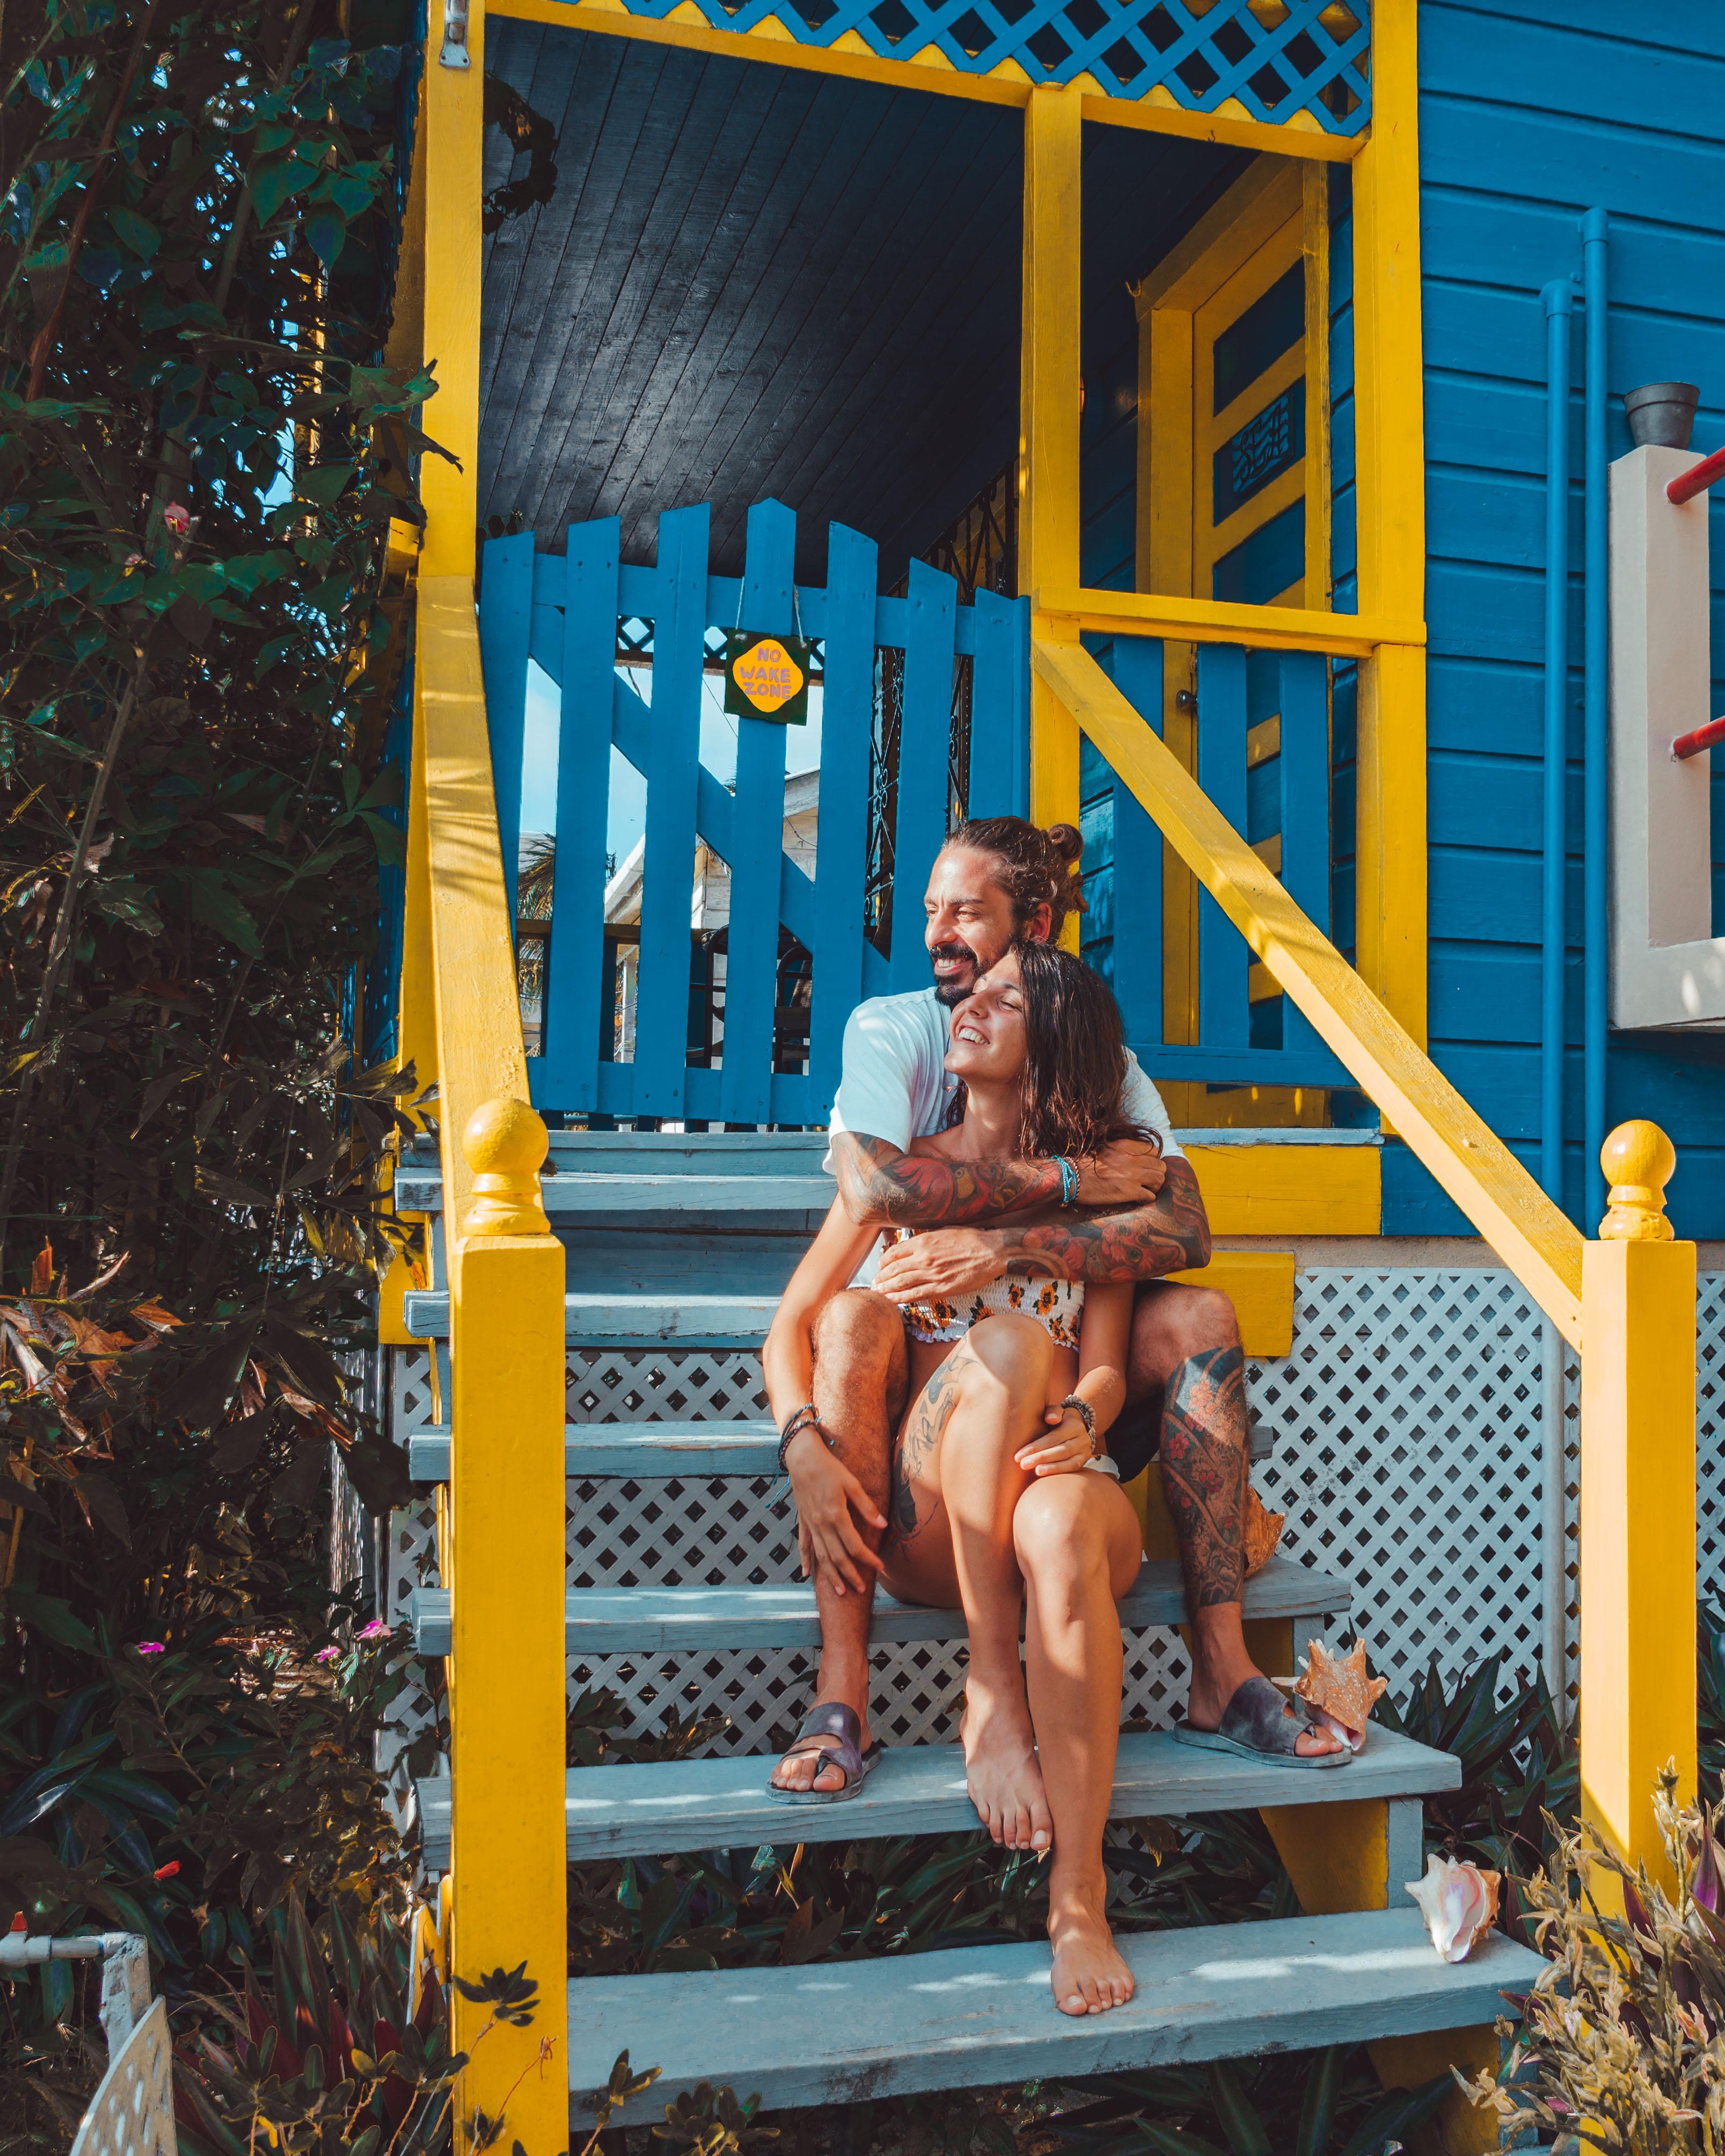 La nostra casetta colorata